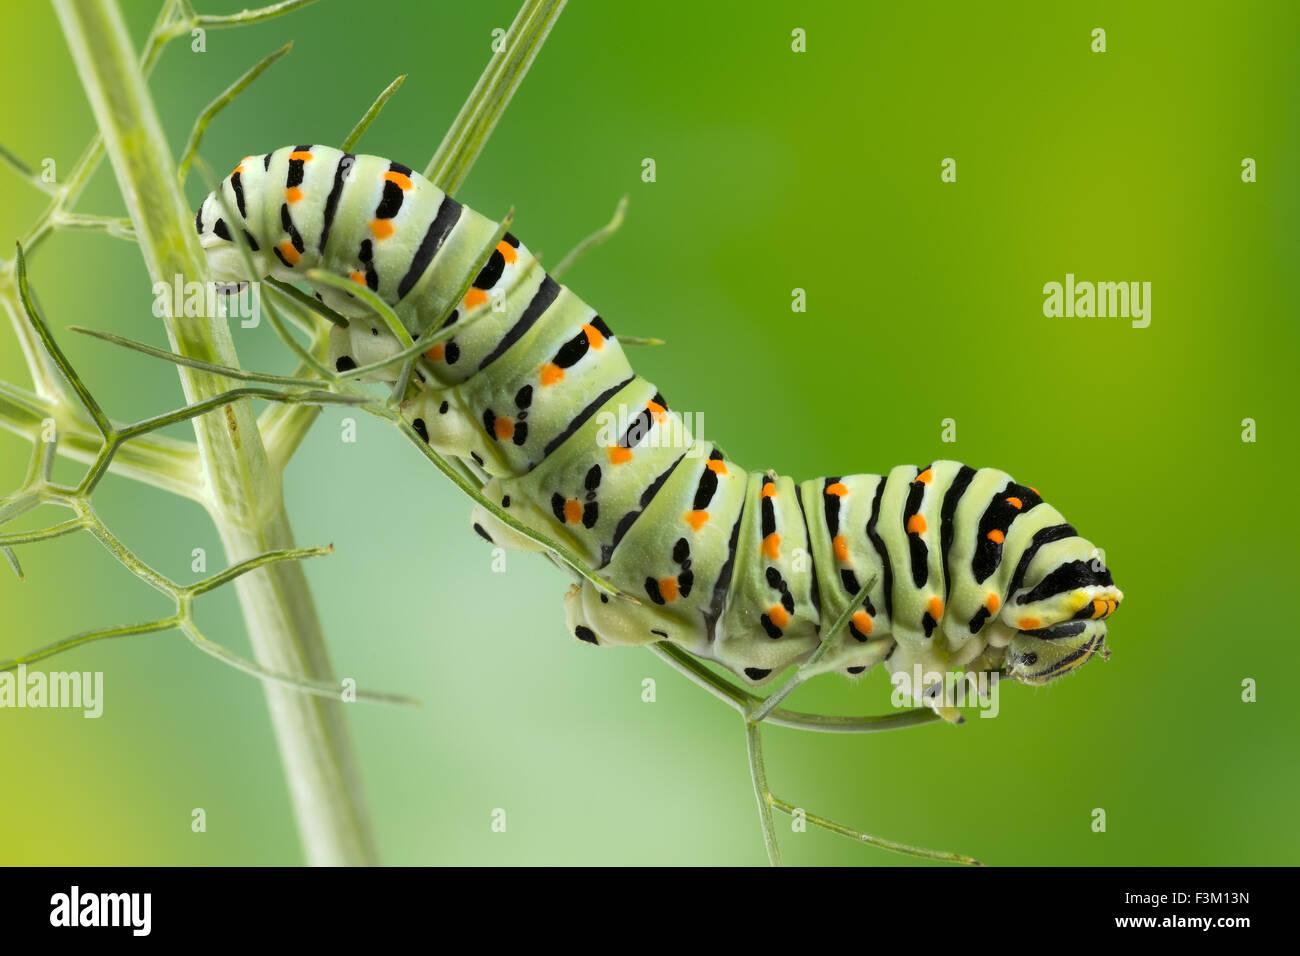 Raupe des maltesischen Schwalbenschwanz-Schmetterling Essen Fenchel Blätter, 10 Tage nach dem schlüpfen, Stockbild